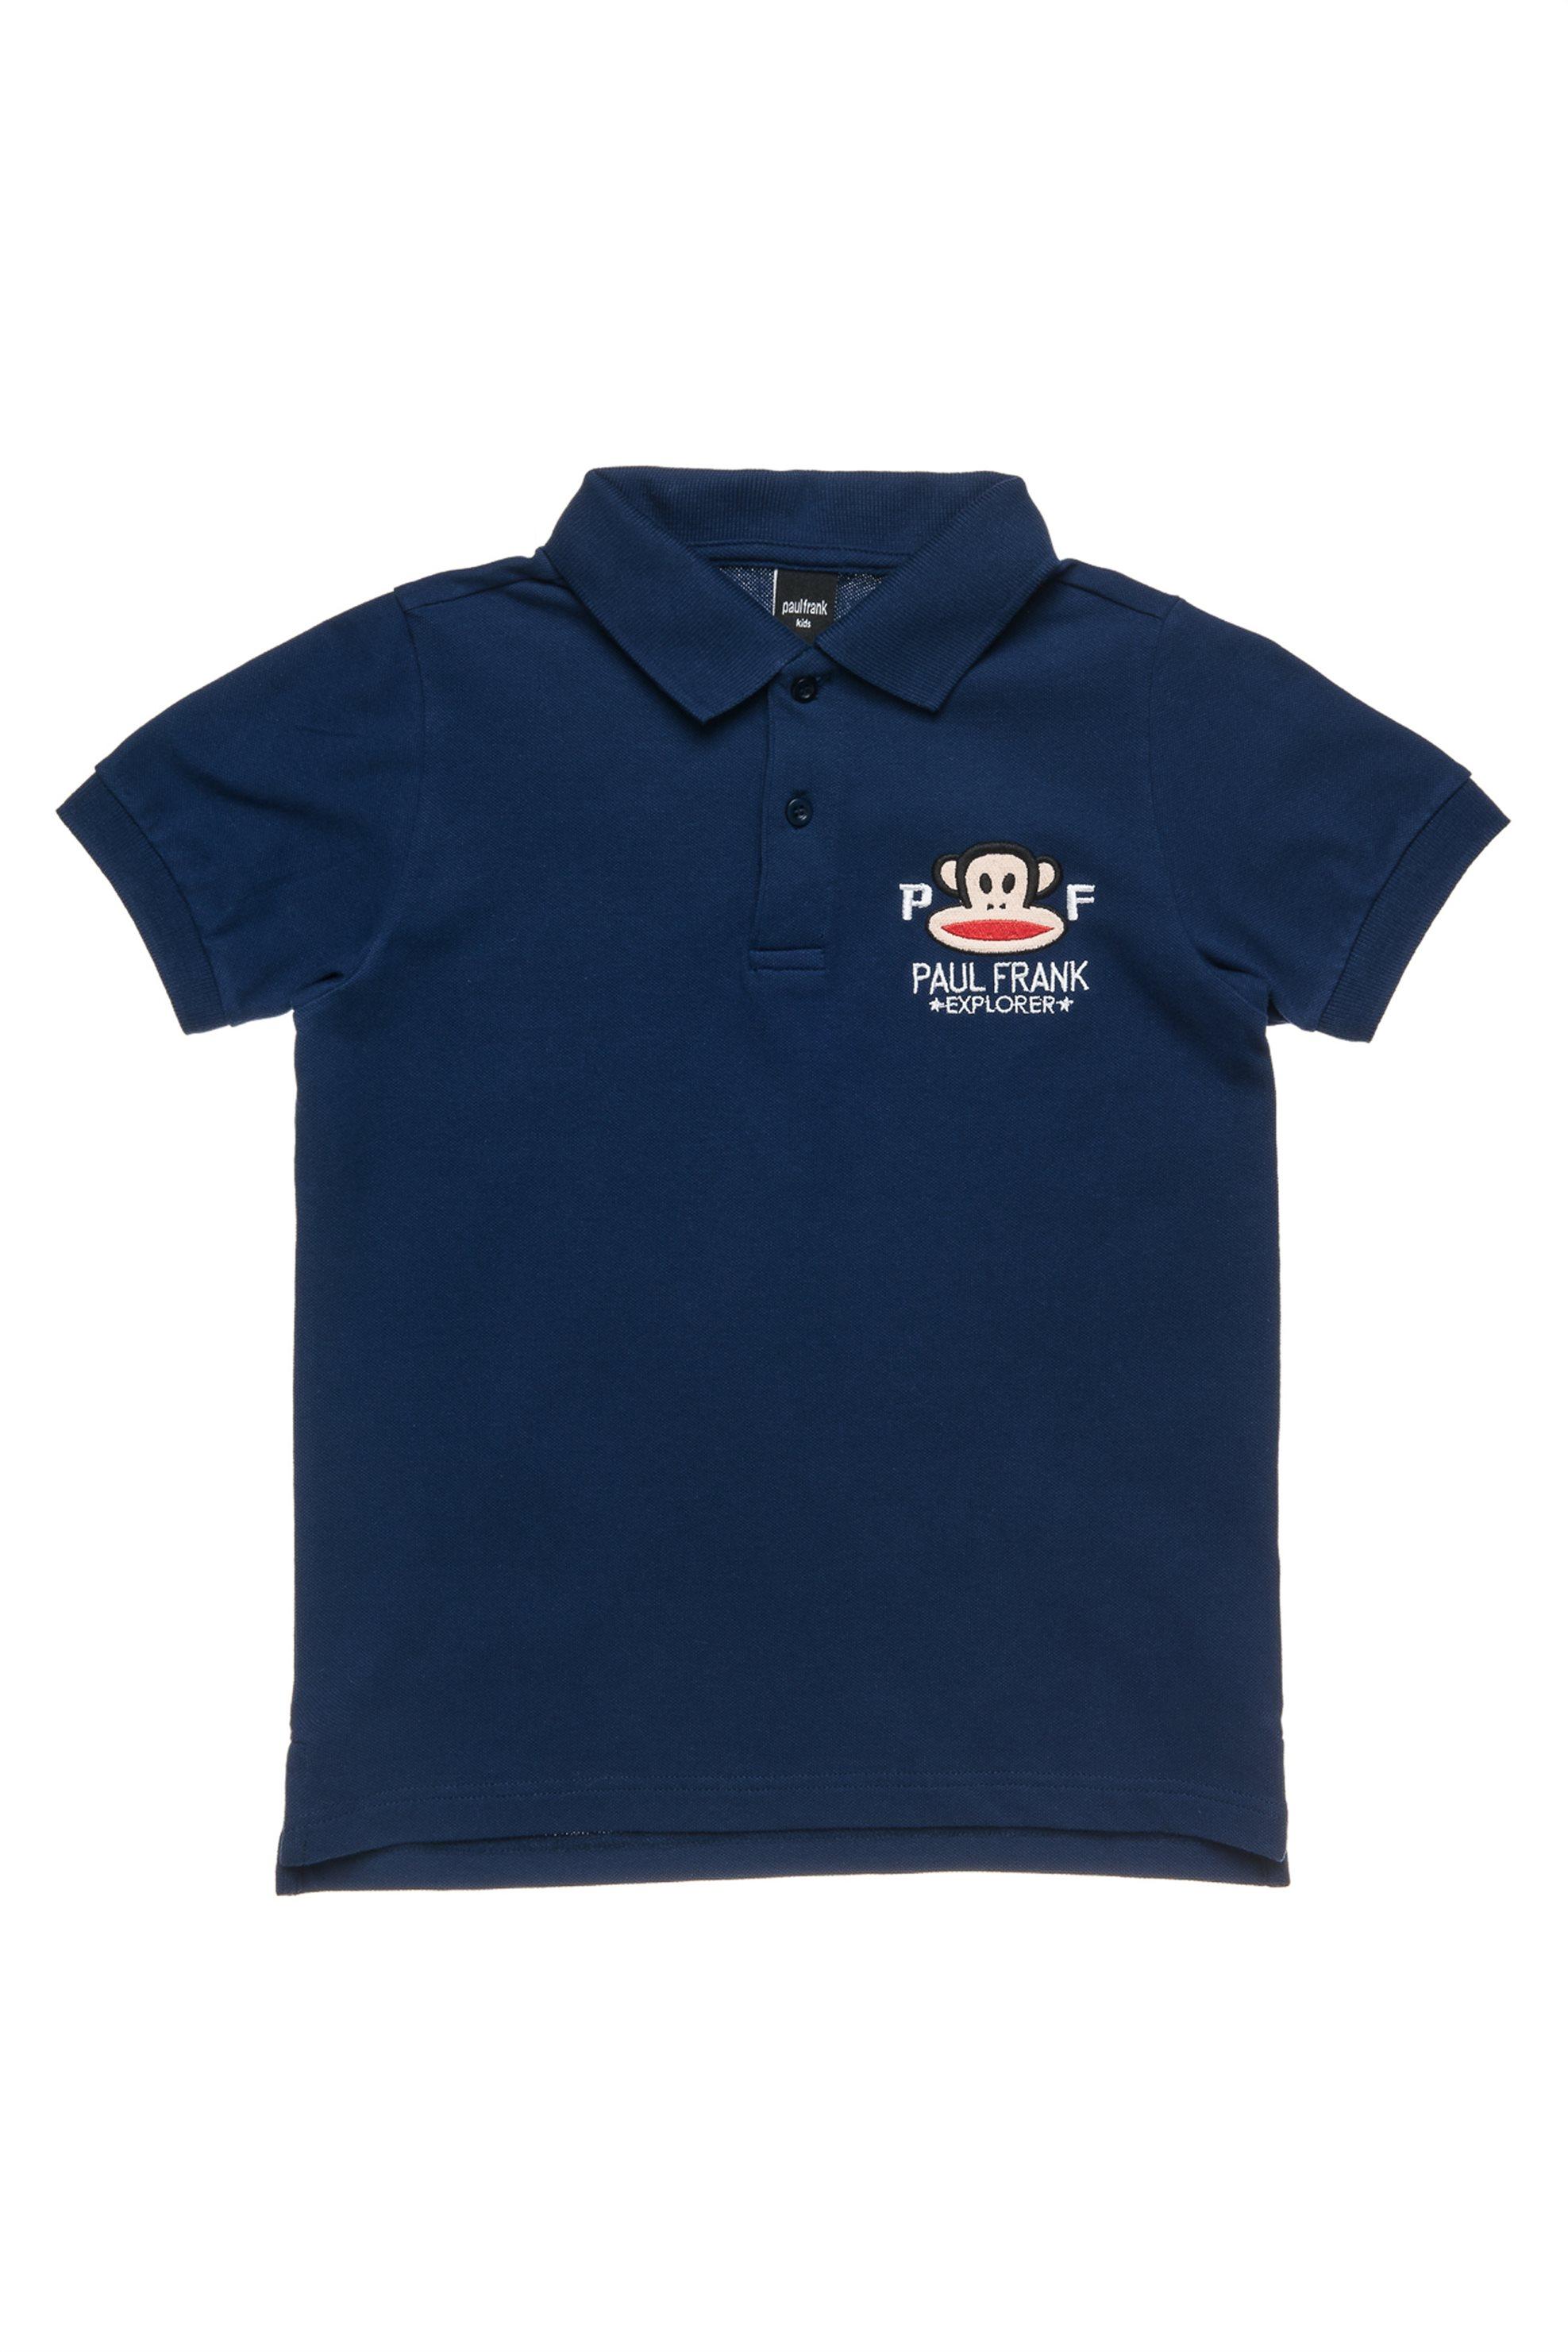 Παιδική μπλούζα polo (6-14 ετών) Paul Frank Collection - 00151647 - Μπλε Σκούρο παιδι   αγορι   4 14 ετων   μπλουζάκια   παντελόνια   μπλουζάκια   πόλο   μπλούζ